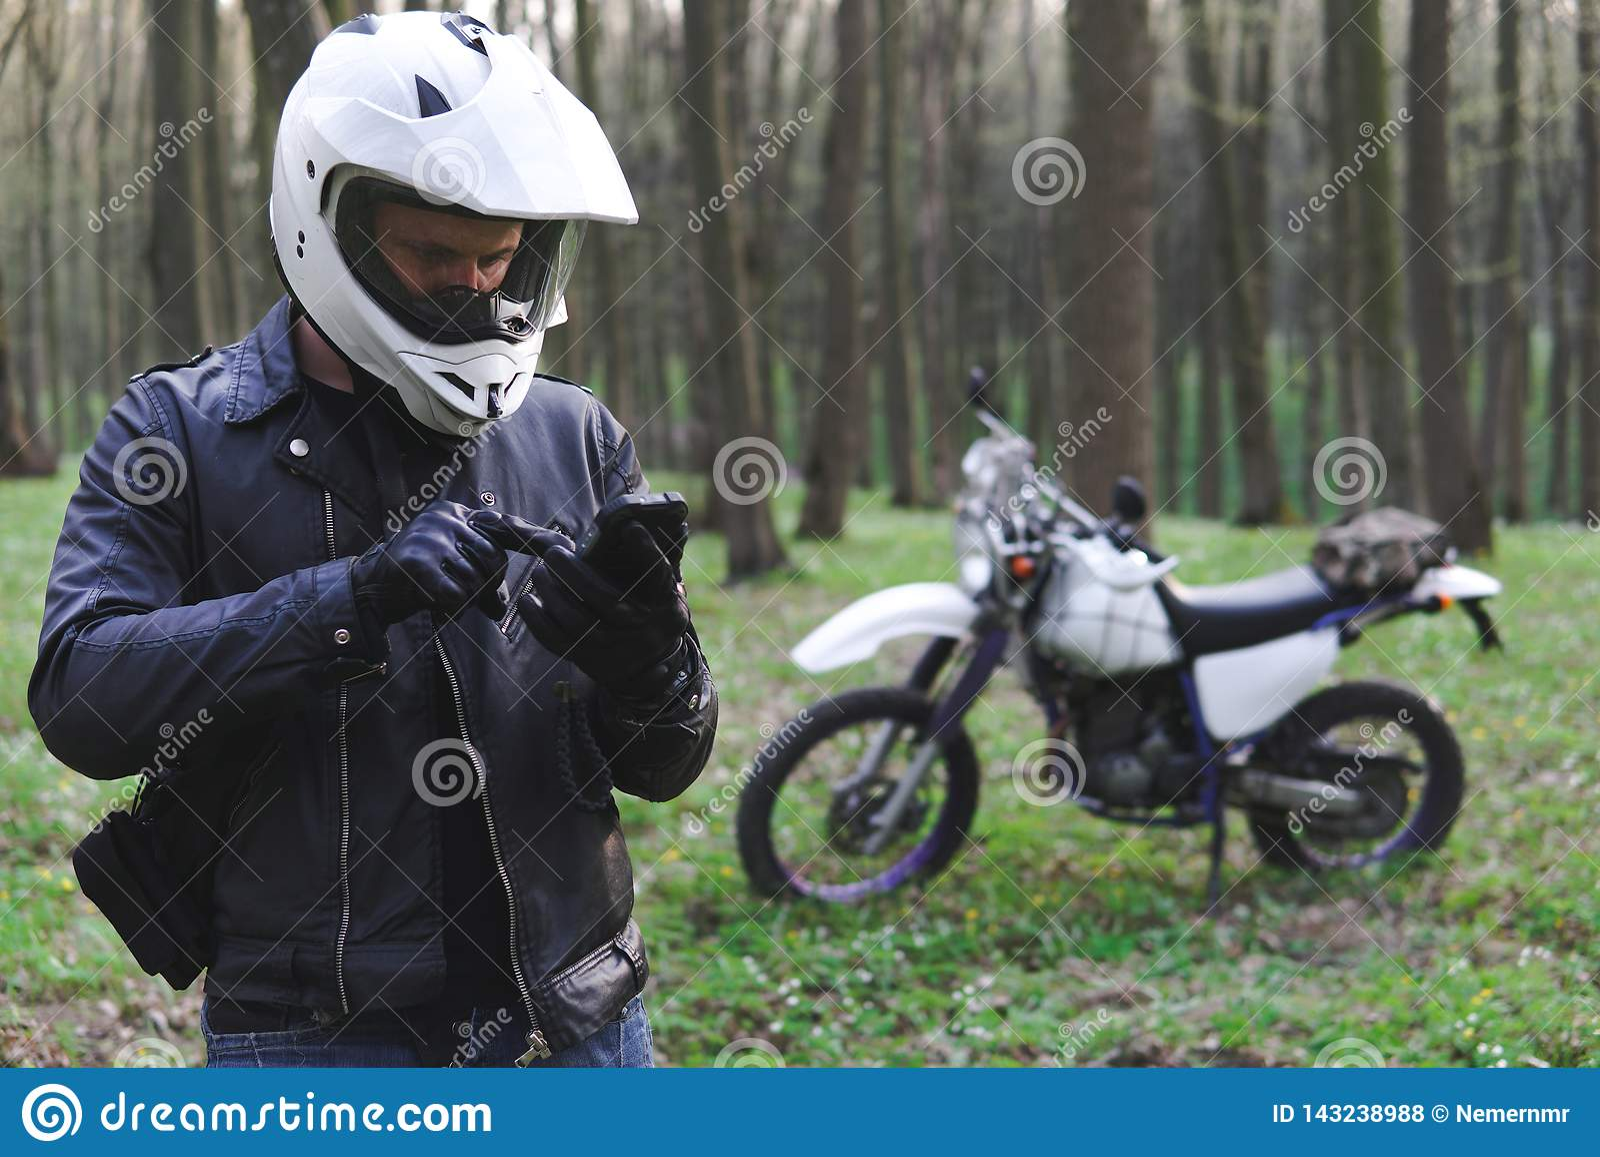 Il motociclo classico di enduro fuori dalla strada nella foresta di primavera, uomo in un bomber alla moda utilizza uno smartphon